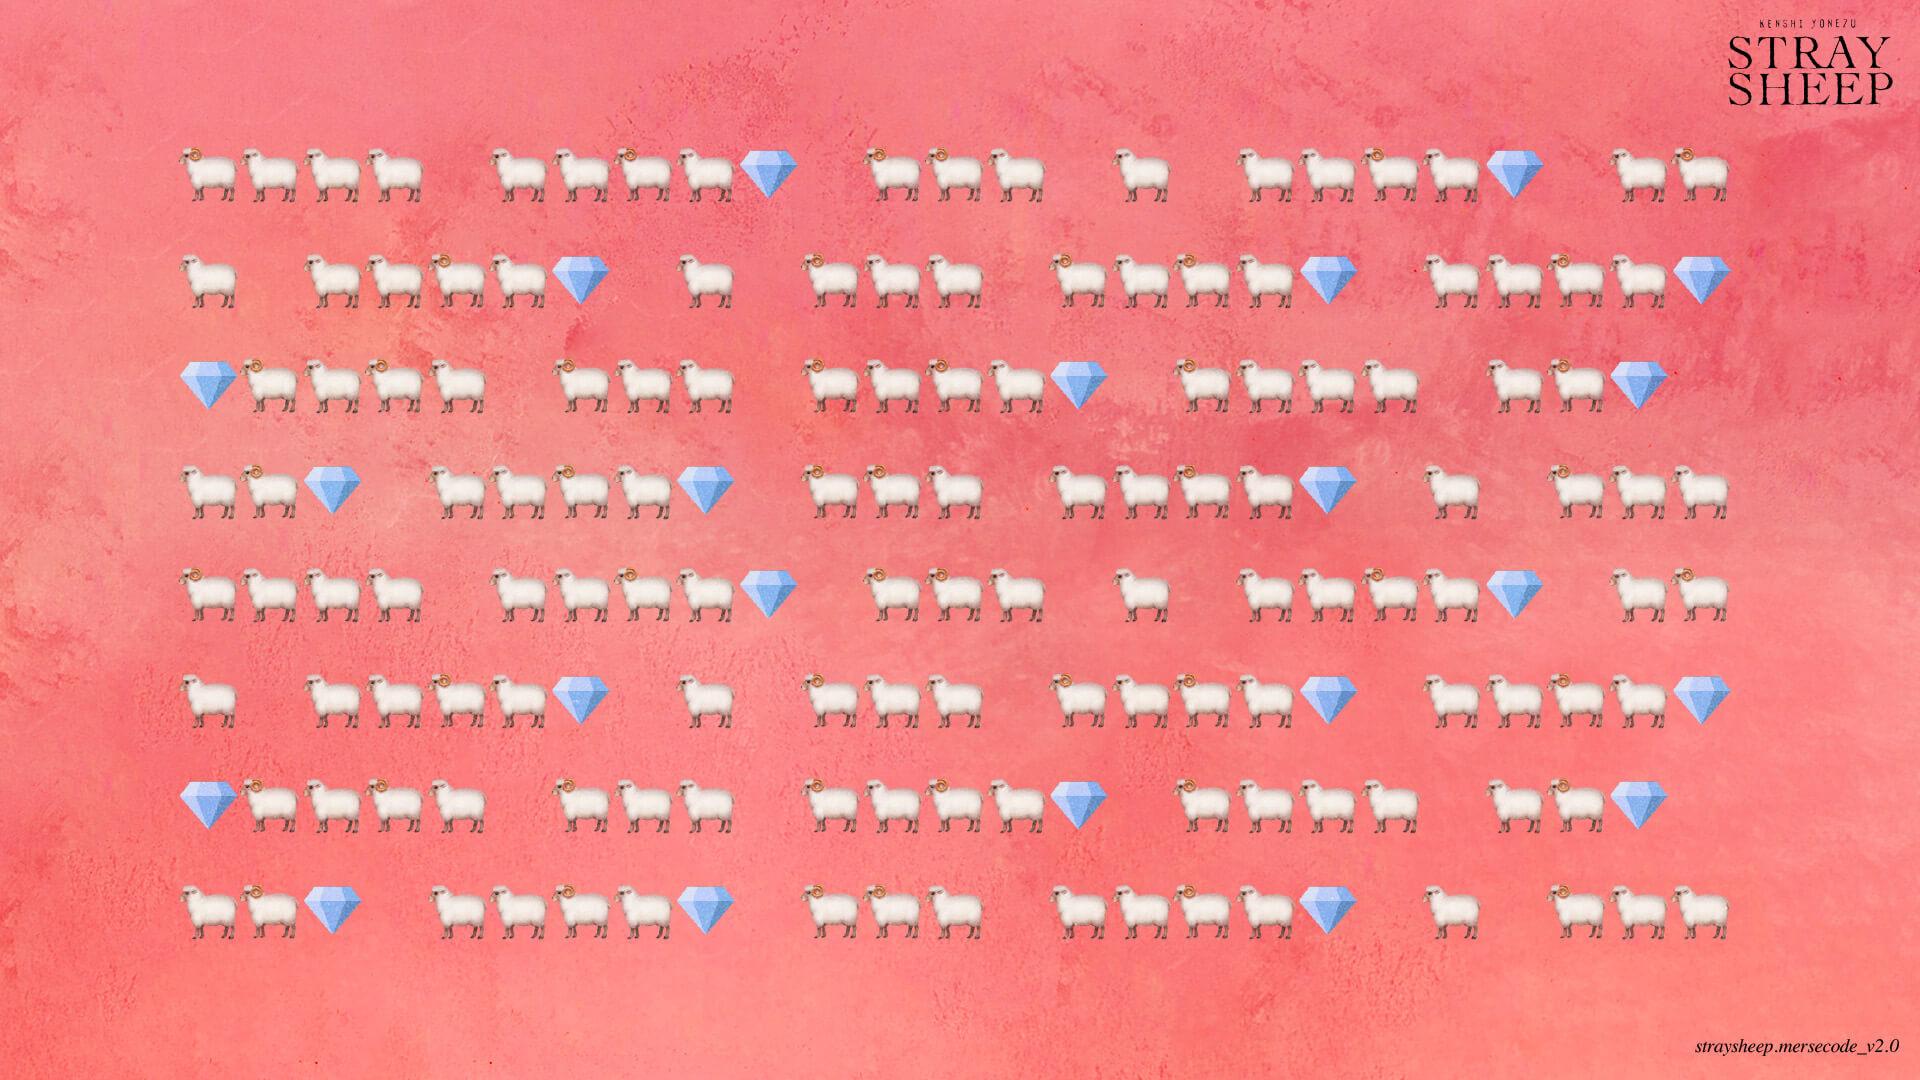 """米津玄師『STRAY SHEEP』ついに本日発売!オープニング曲""""カムパネルラ""""MV&ハチ名義の楽曲含む過去作がサブスク解禁 music200805_yonezukenshi_mv_1"""